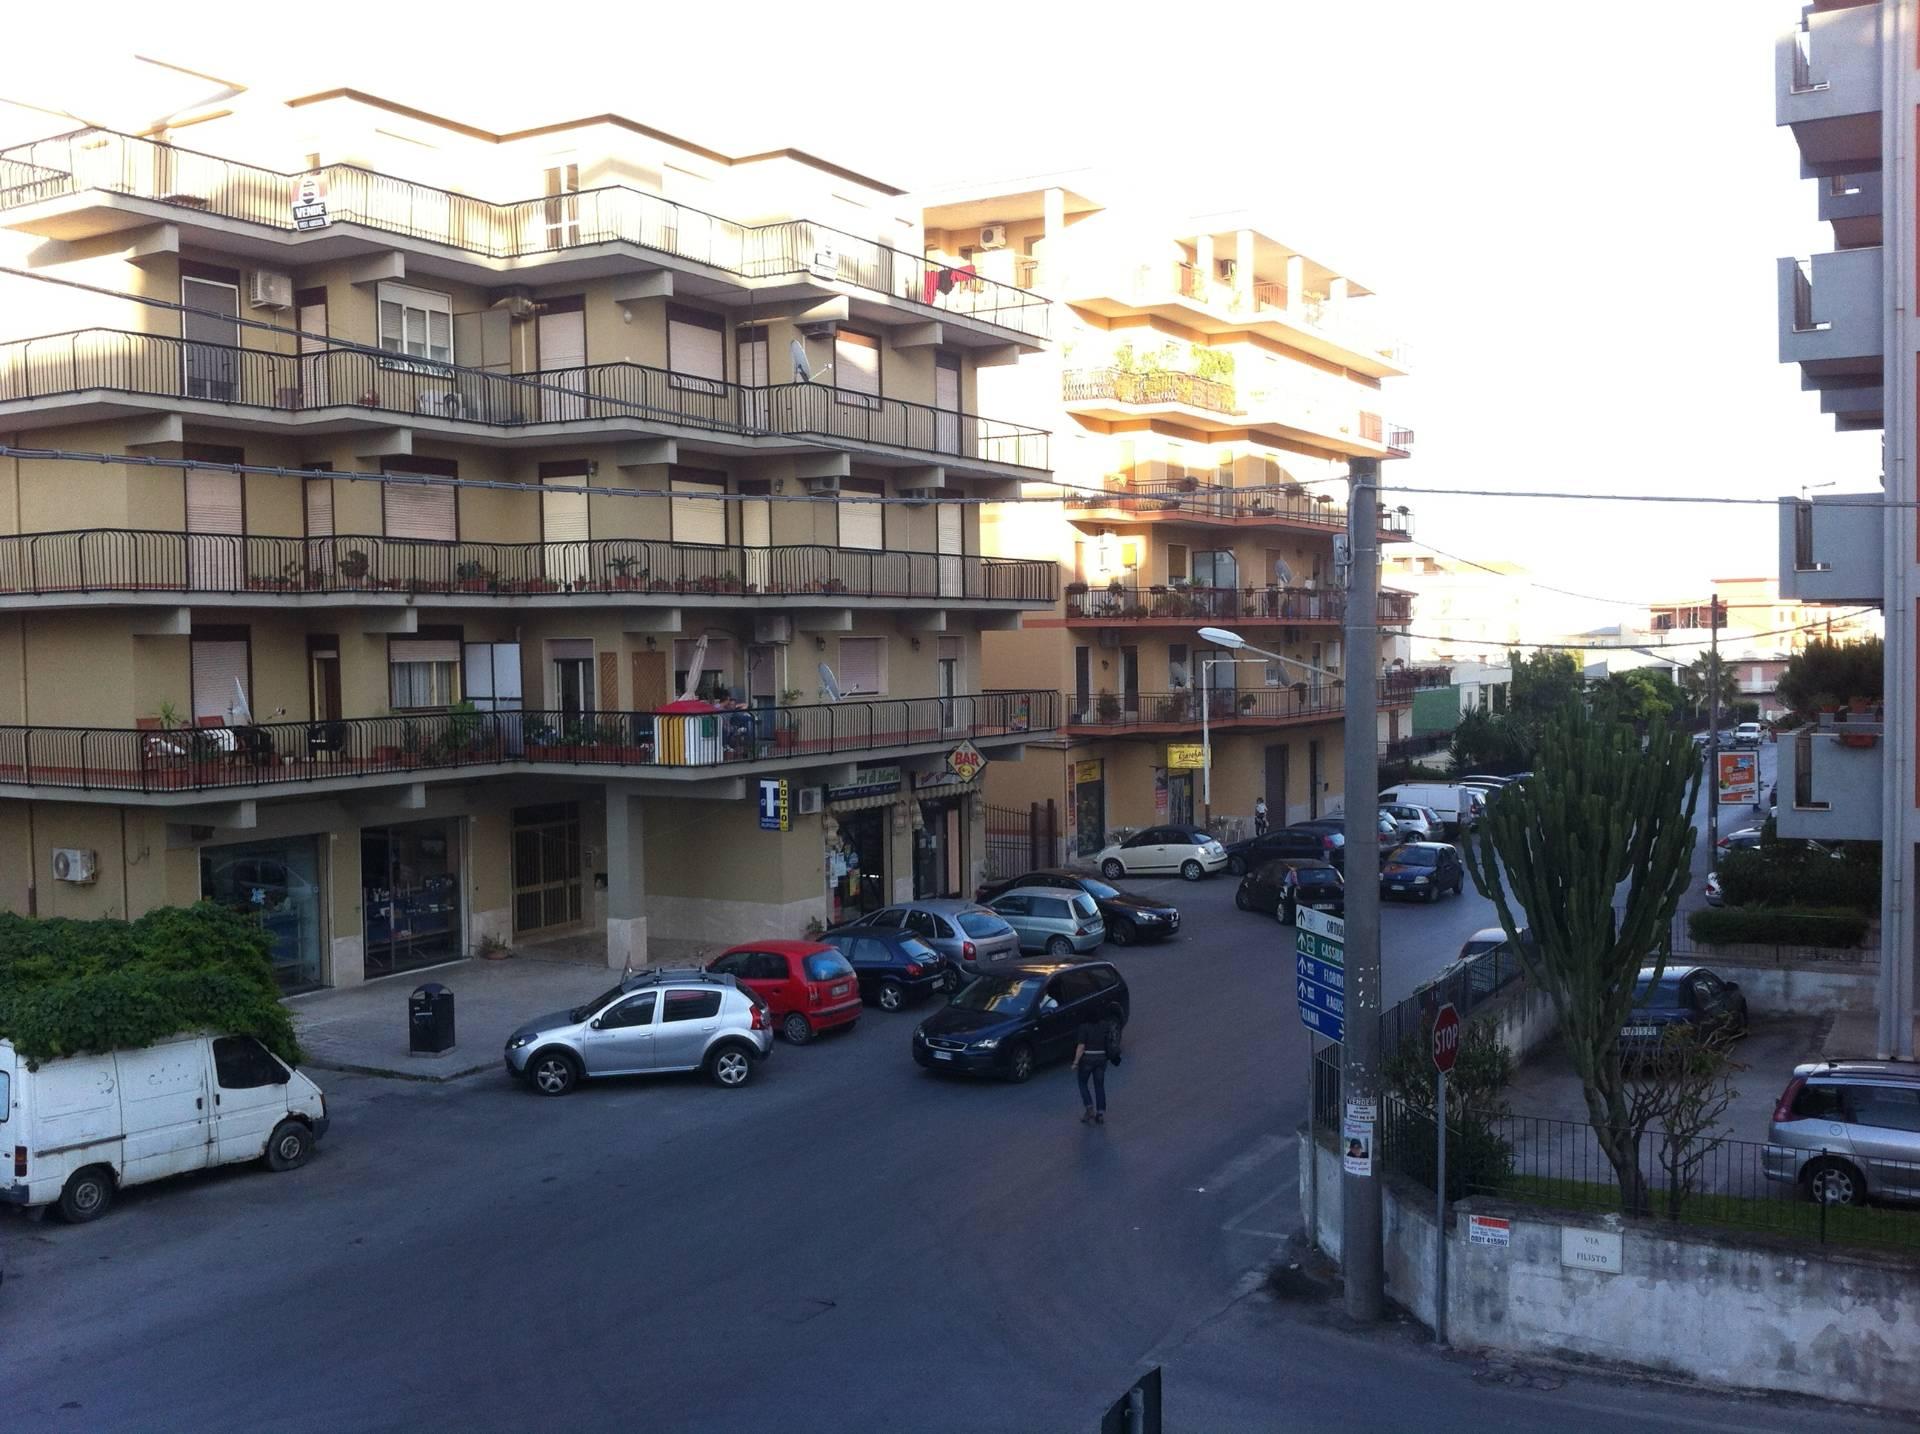 Appartamento in vendita a Siracusa, 5 locali, zona Località: Filisto, prezzo € 125.000 | CambioCasa.it